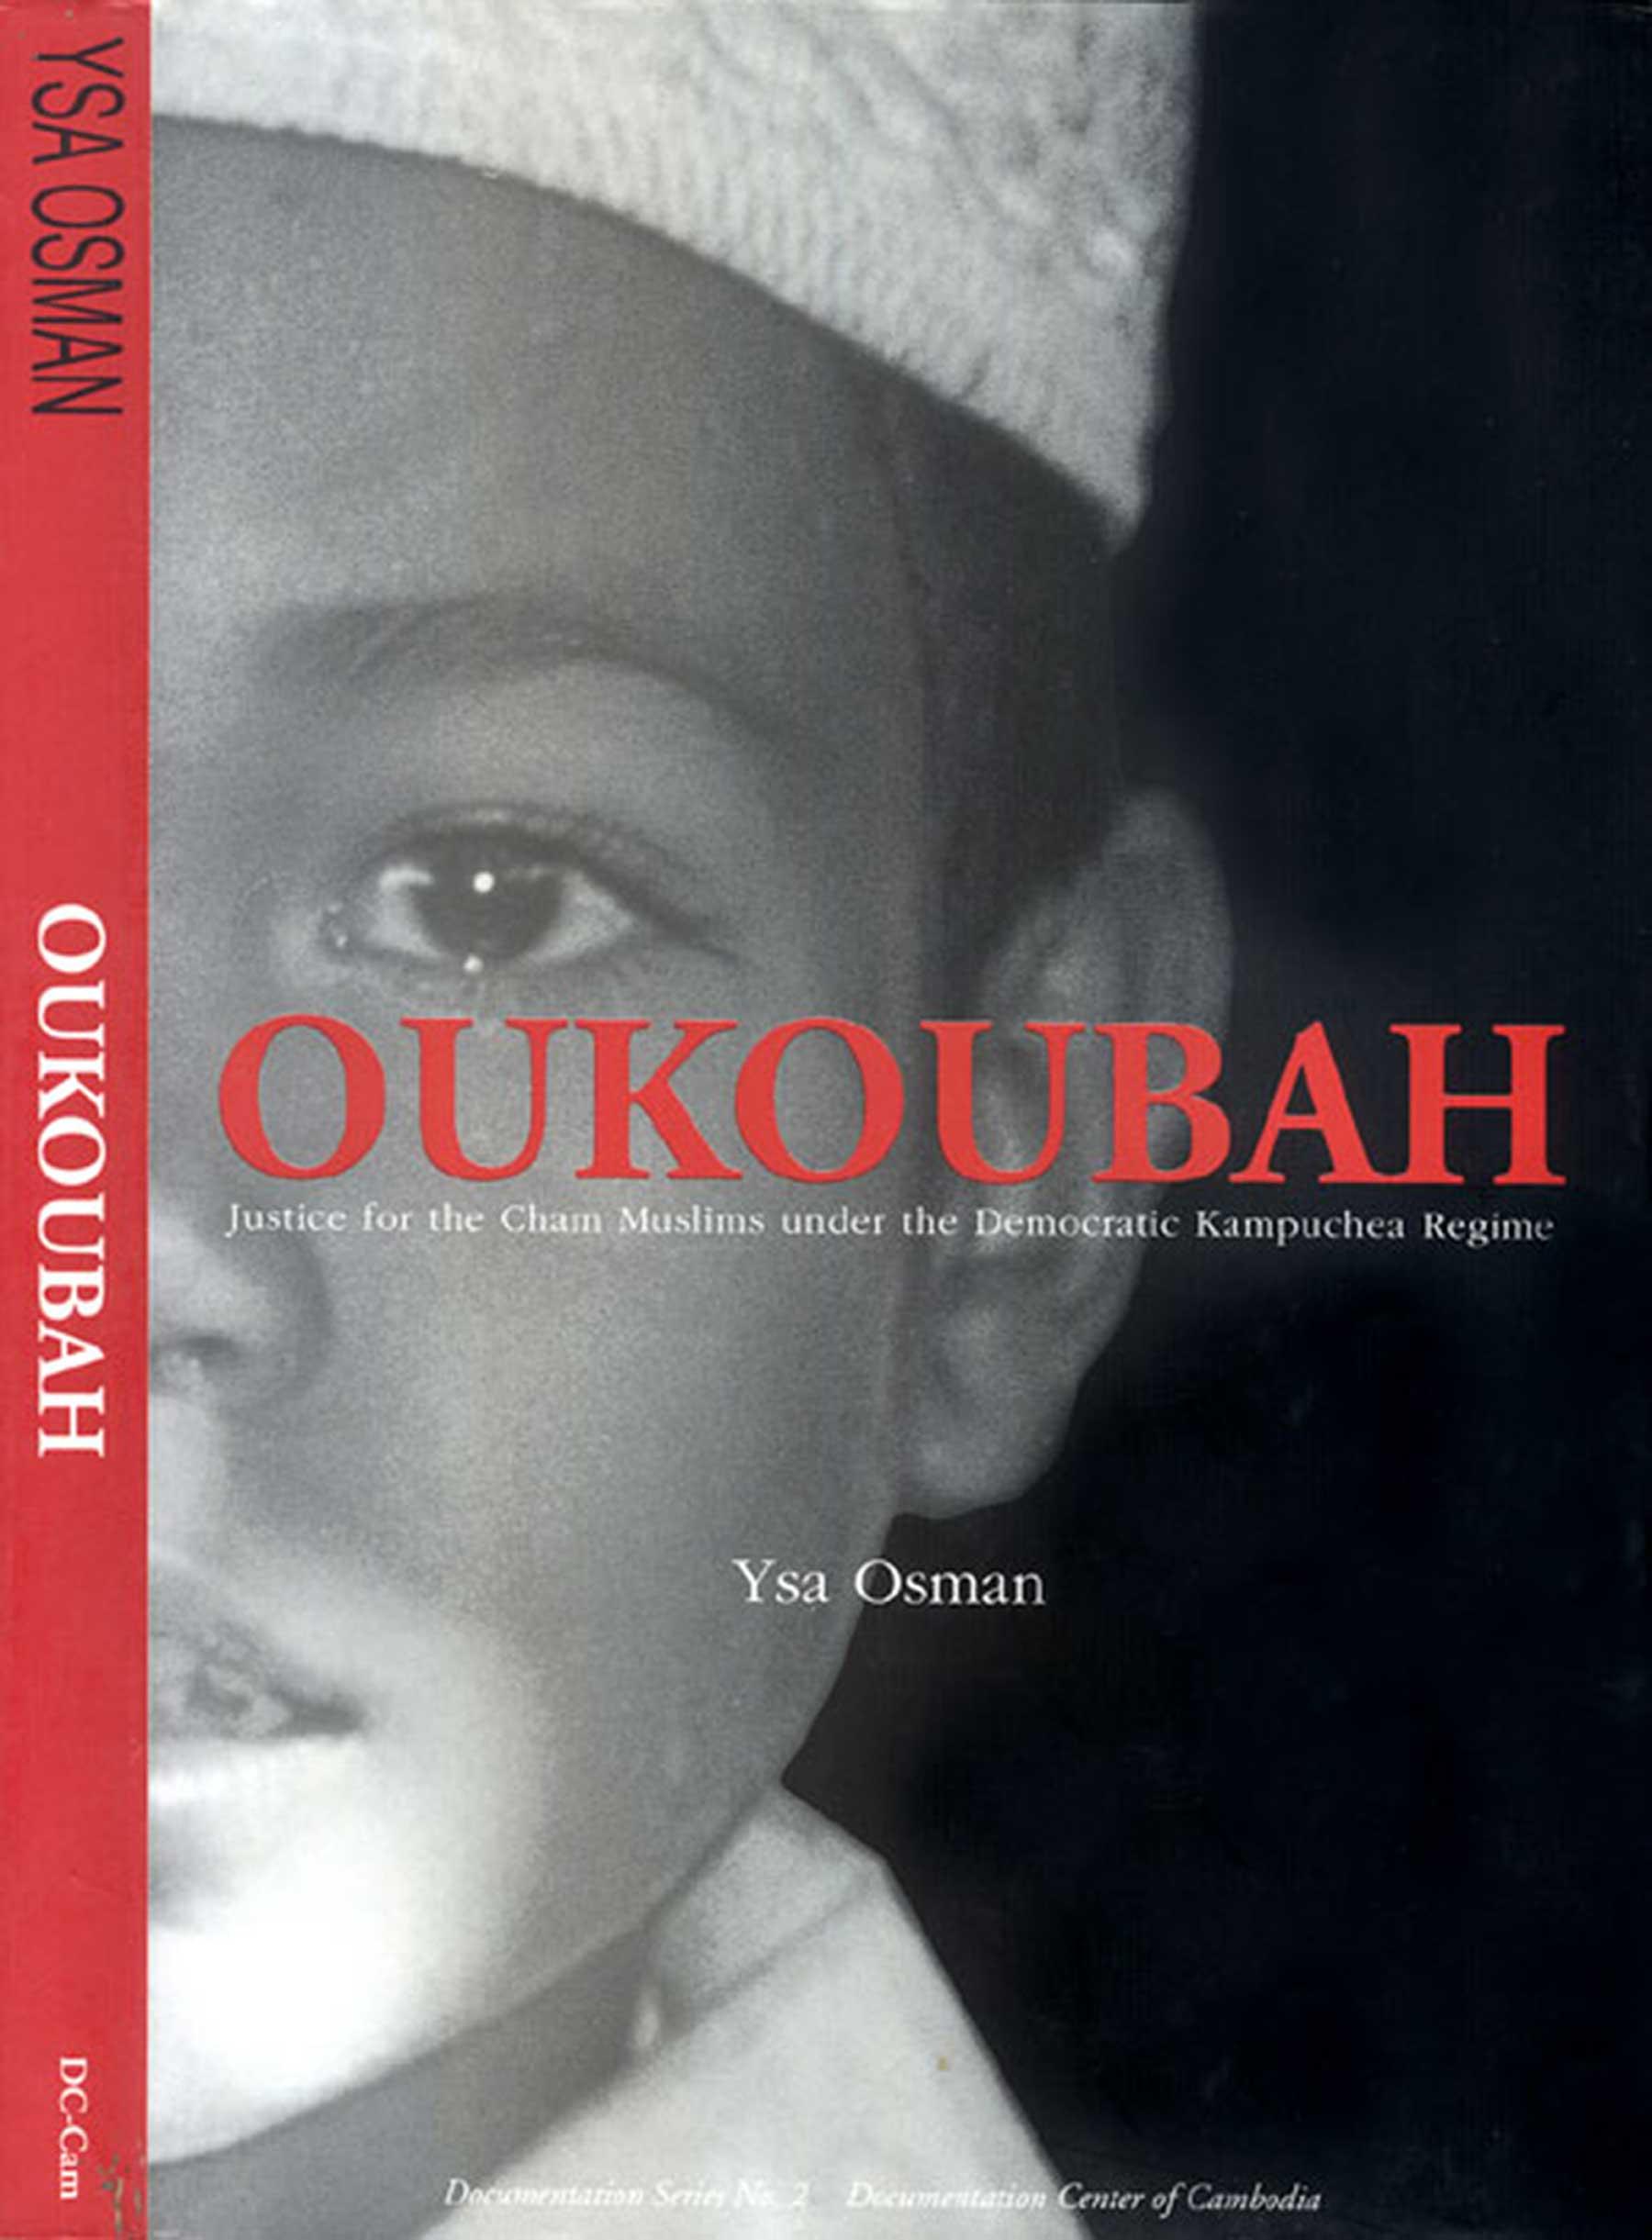 OUKOUBAH